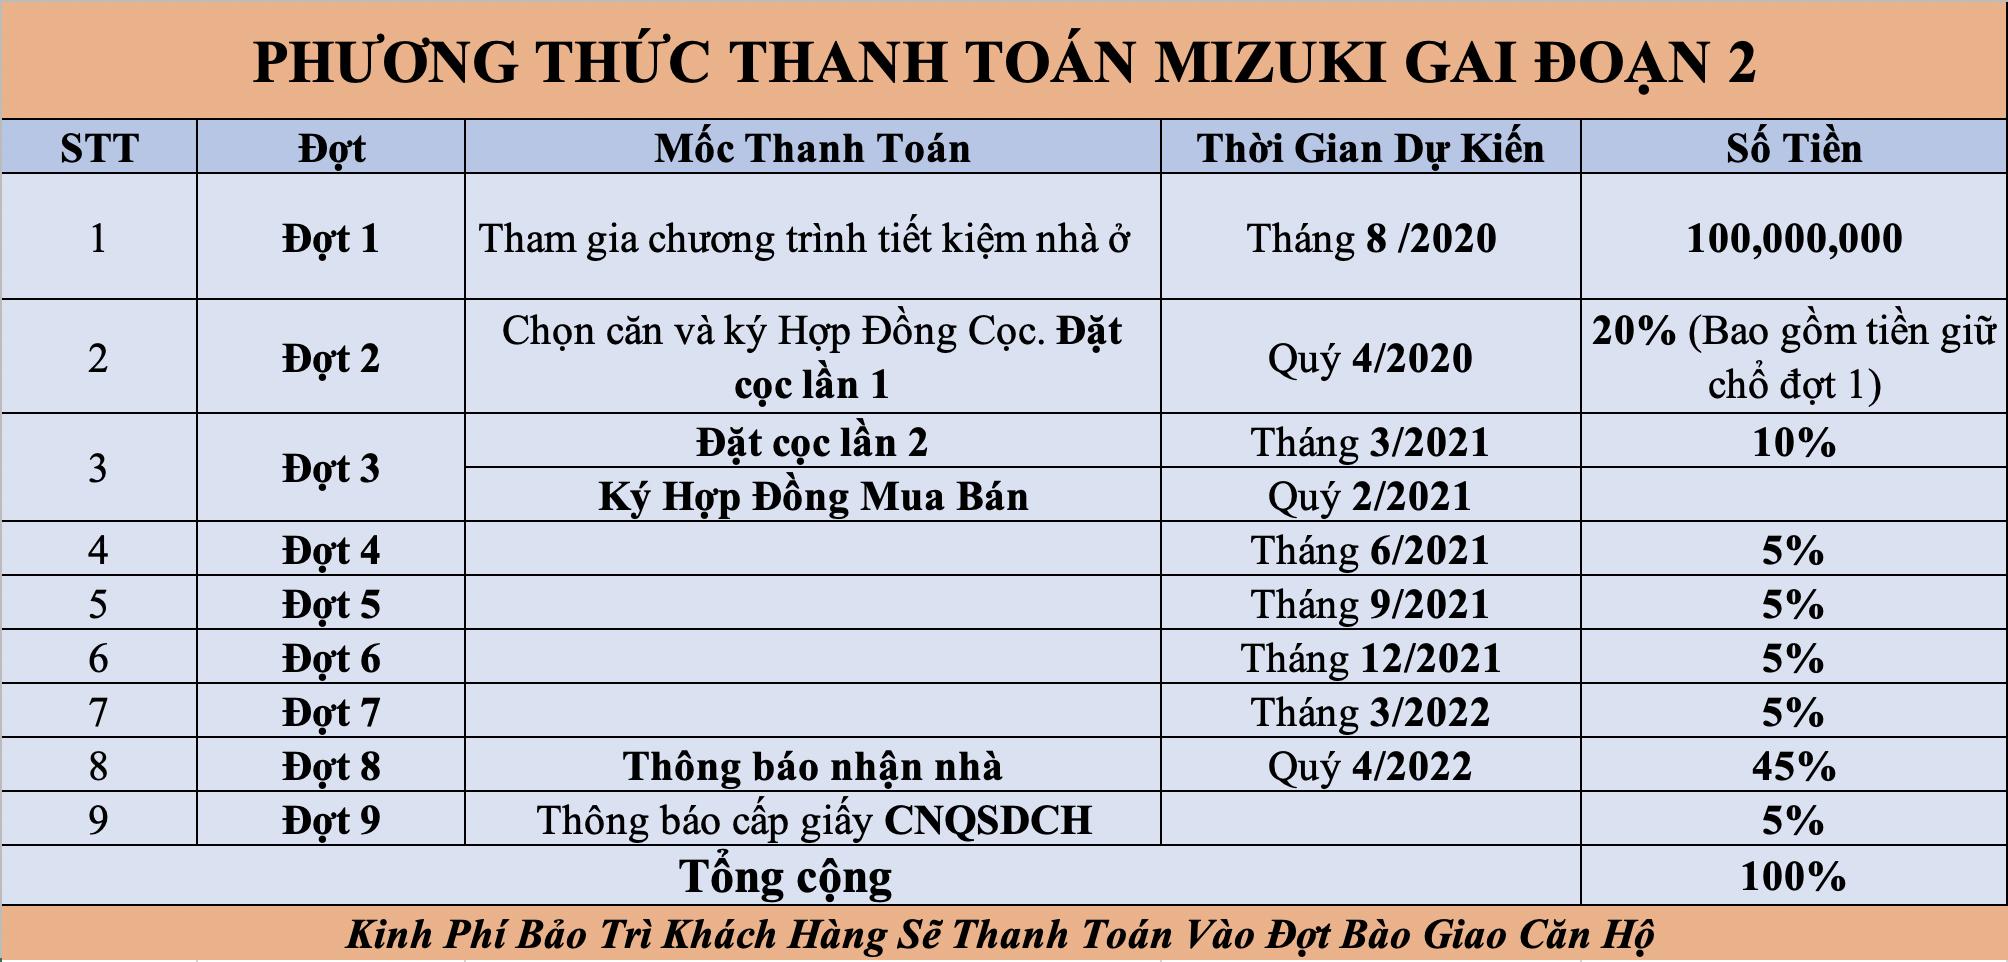 Lịch Thanh Toán MIZUKI